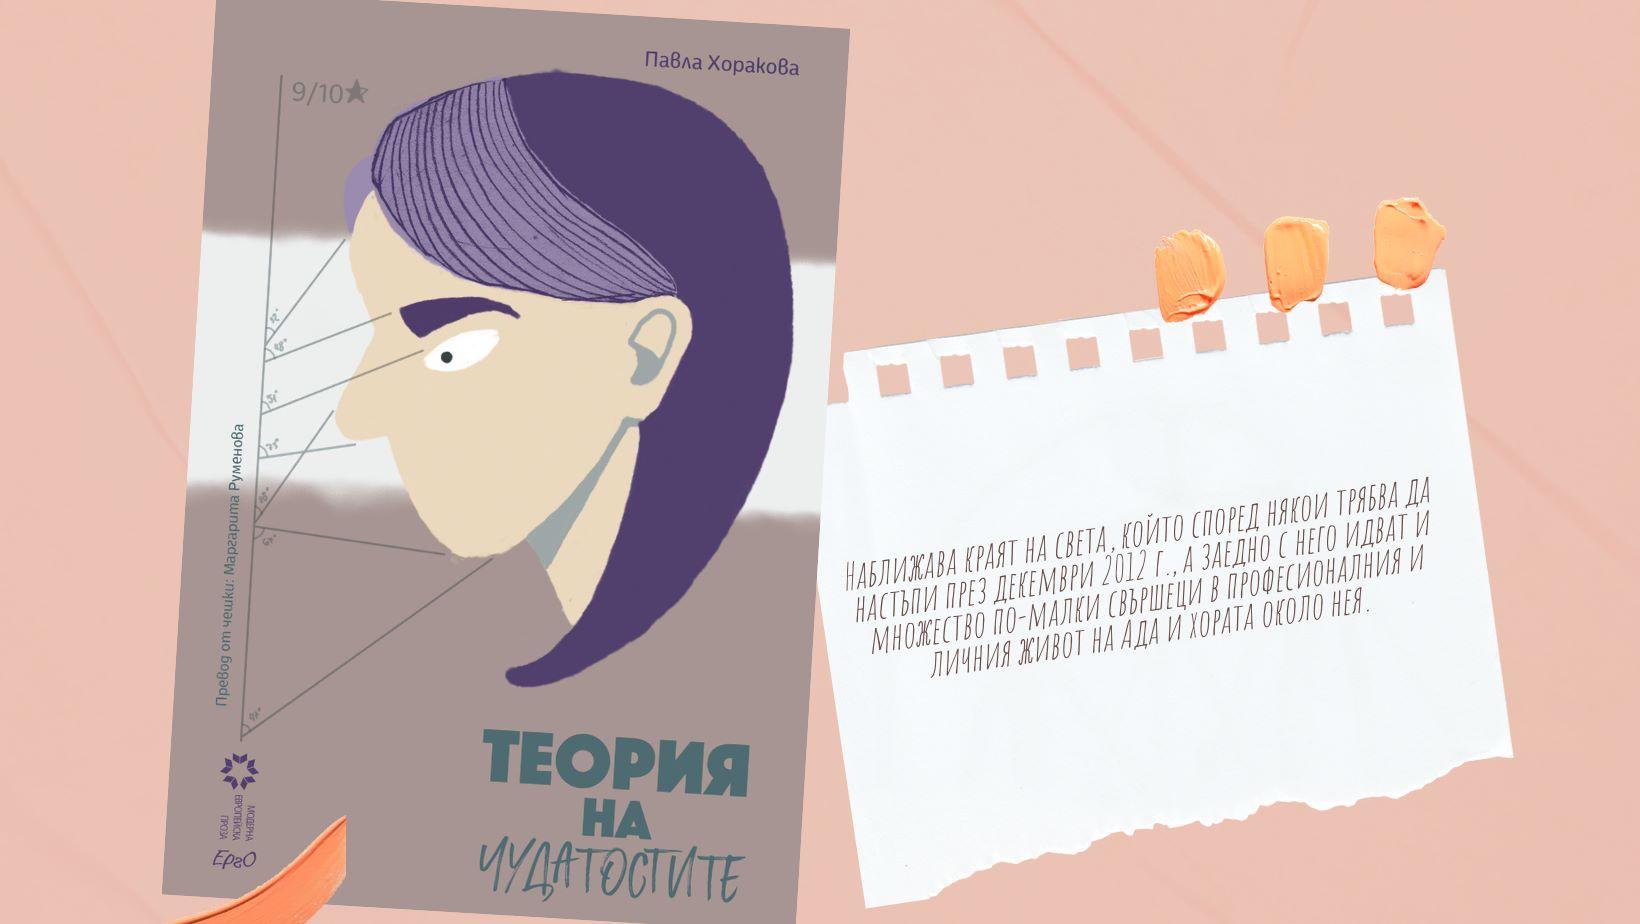 """Премиера на романа """"Теория на чудатостите"""" от чешката писателка Павла Хоракова"""